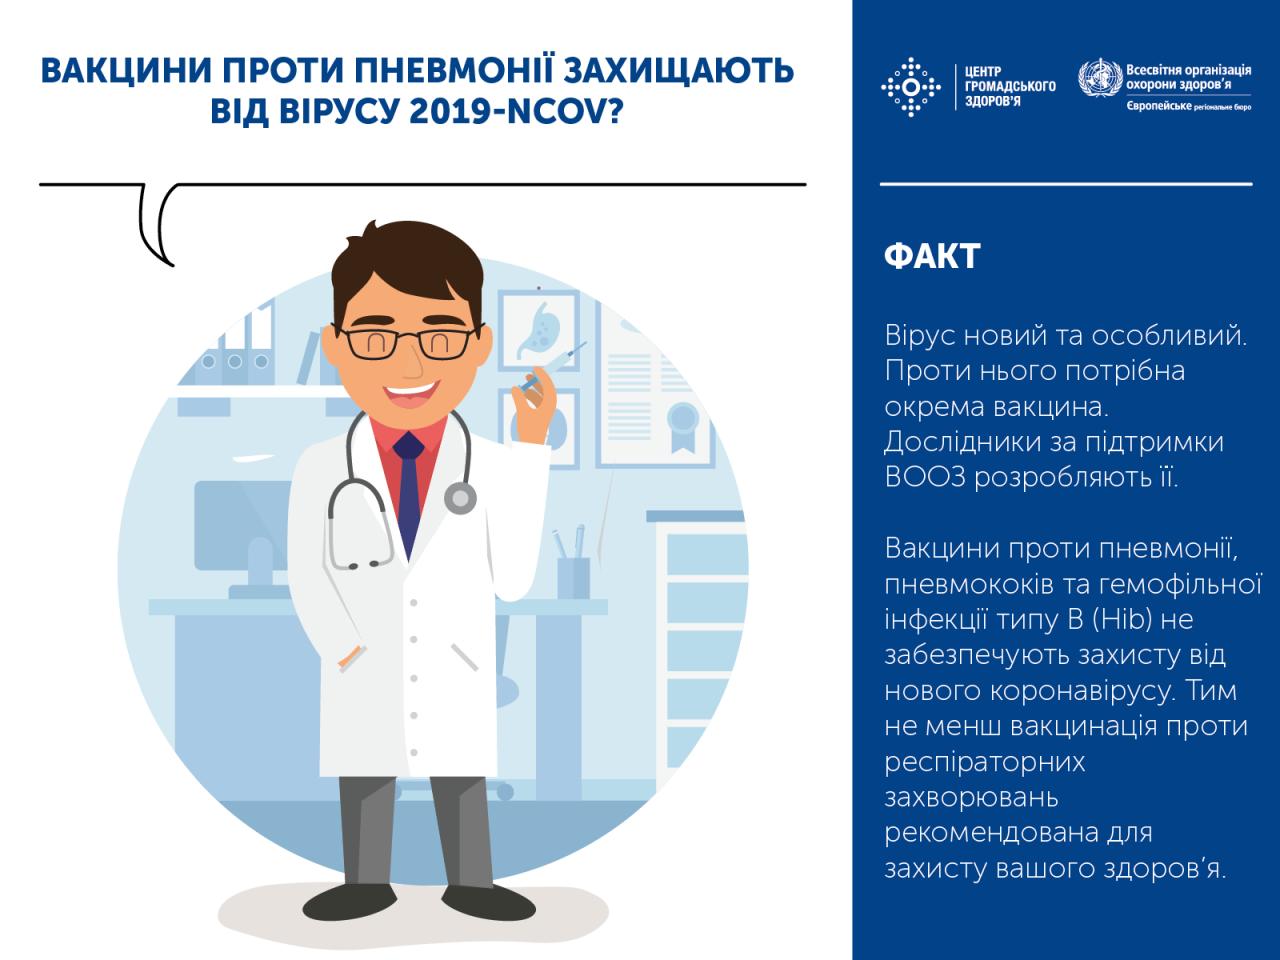 http://dunrada.gov.ua/uploadfile/archive_news/2020/03/16/2020-03-16_803/images/images-51988.png